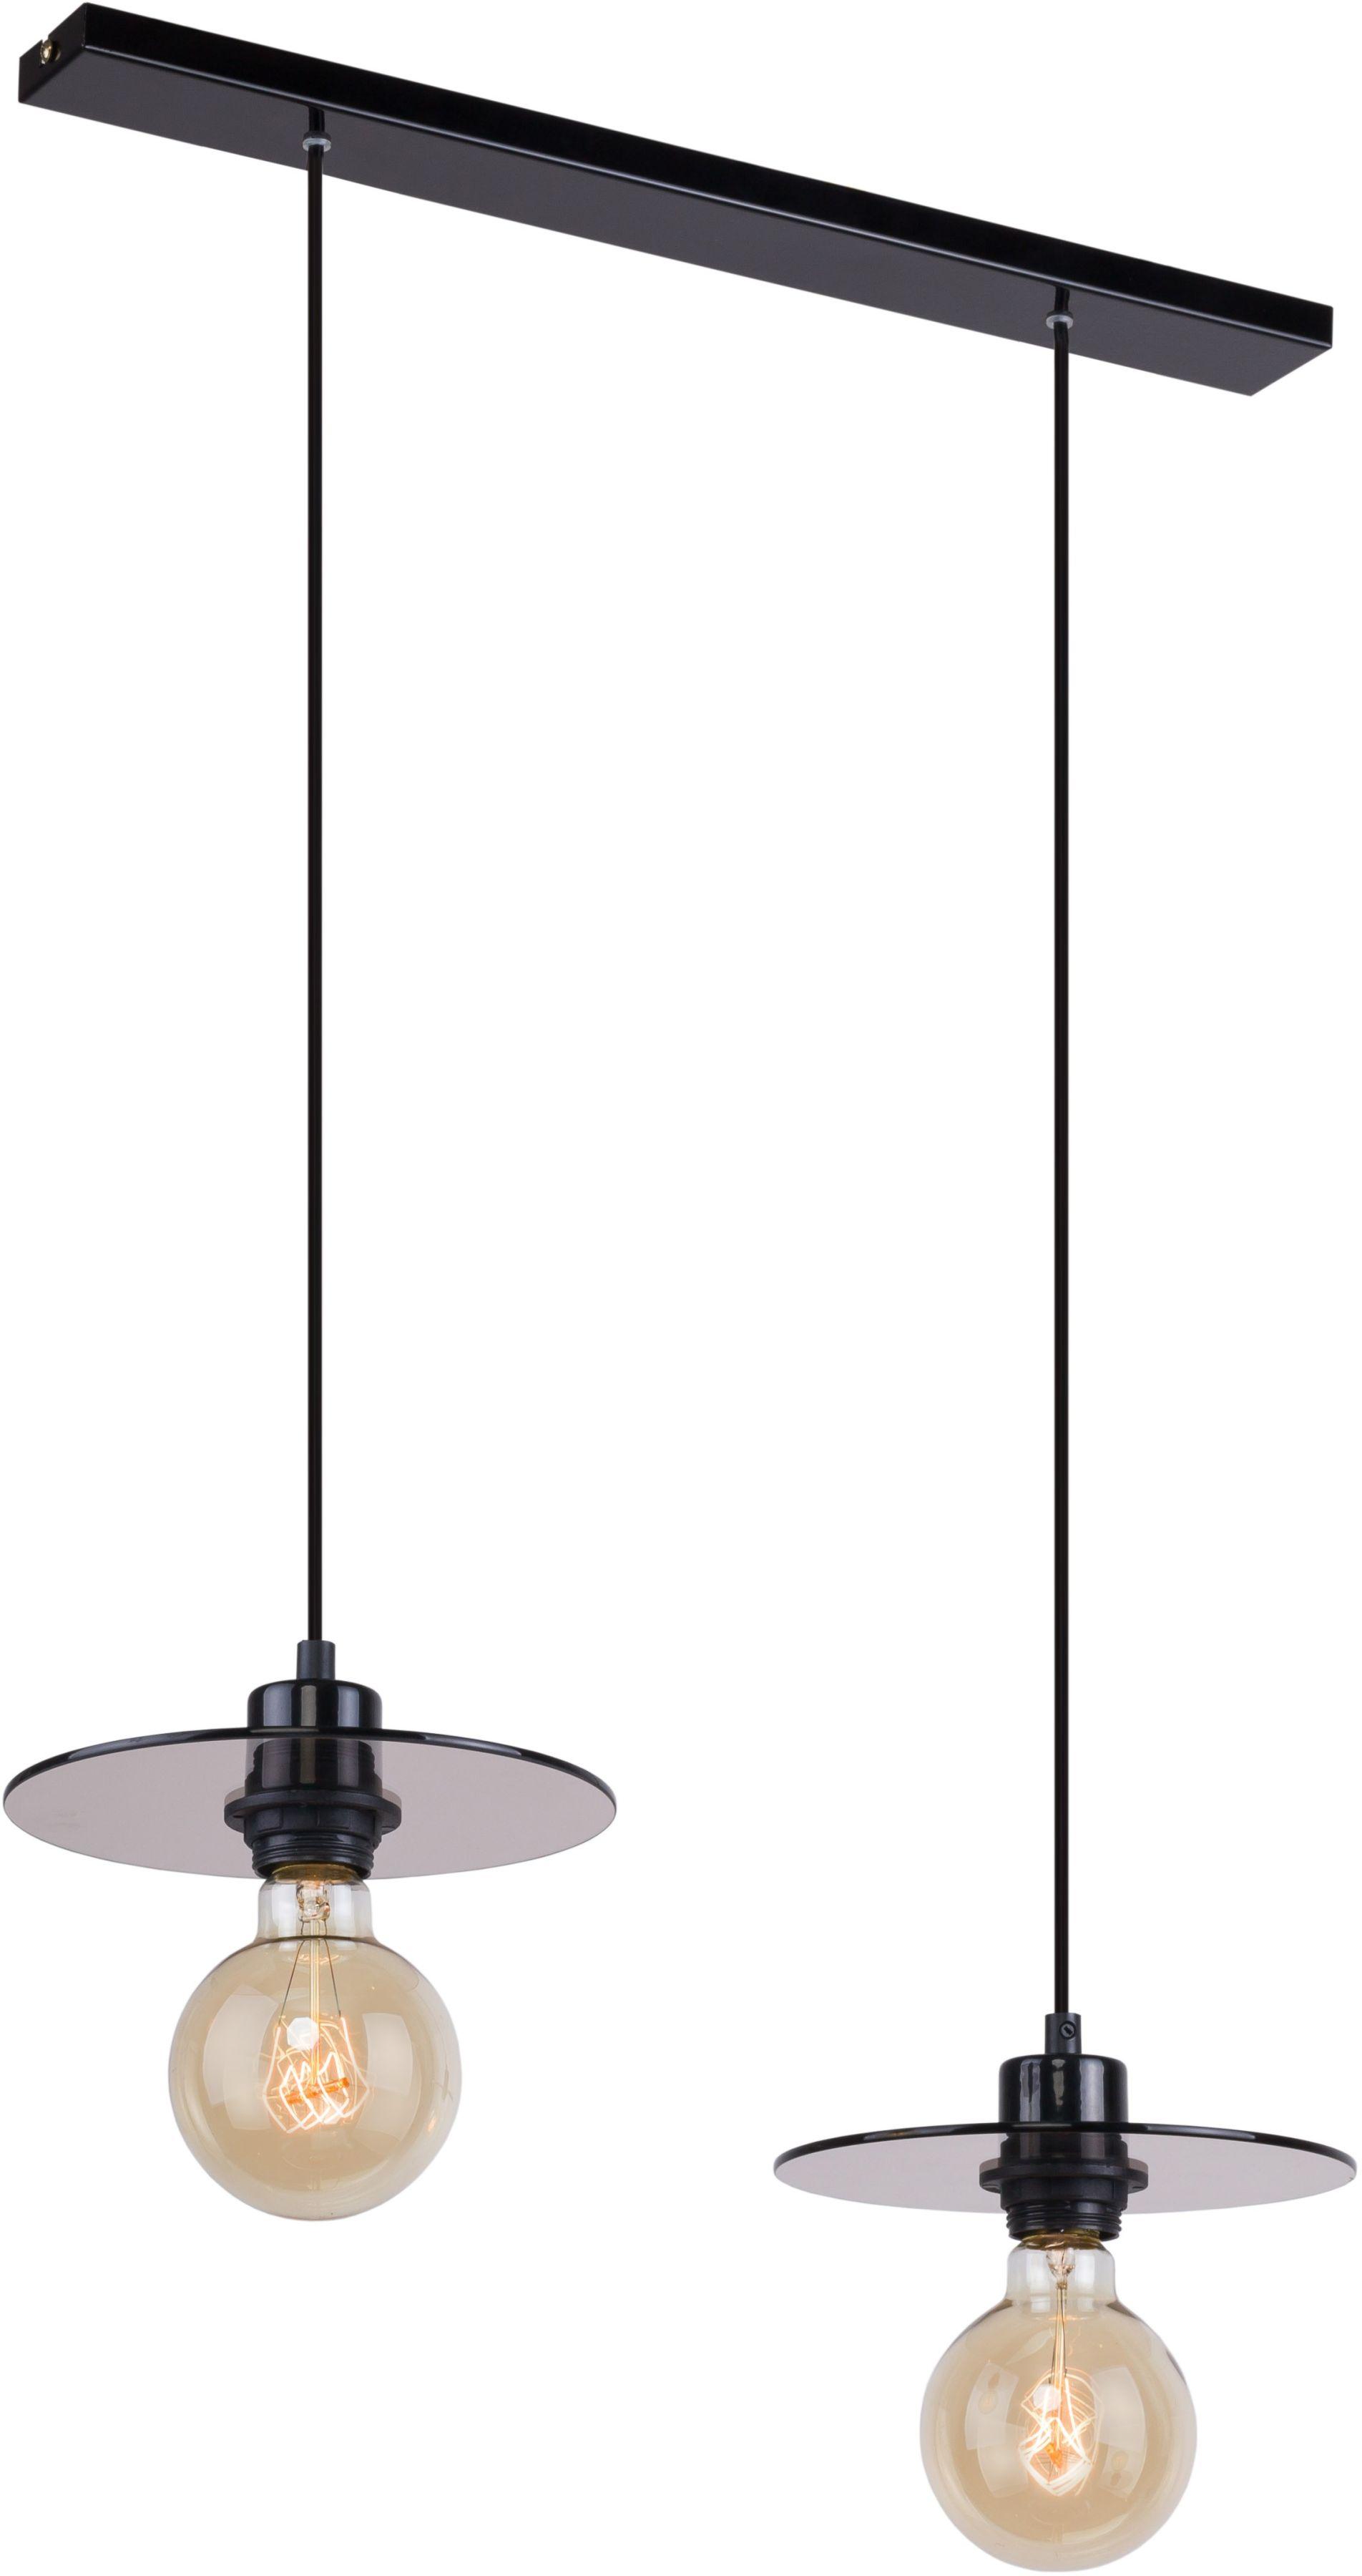 Lampa wisząca 2 punktowa Dysk czarna szklana nowoczesna 999H - Aldex Do -17% rabatu w koszyku i darmowa dostawa od 299zł !